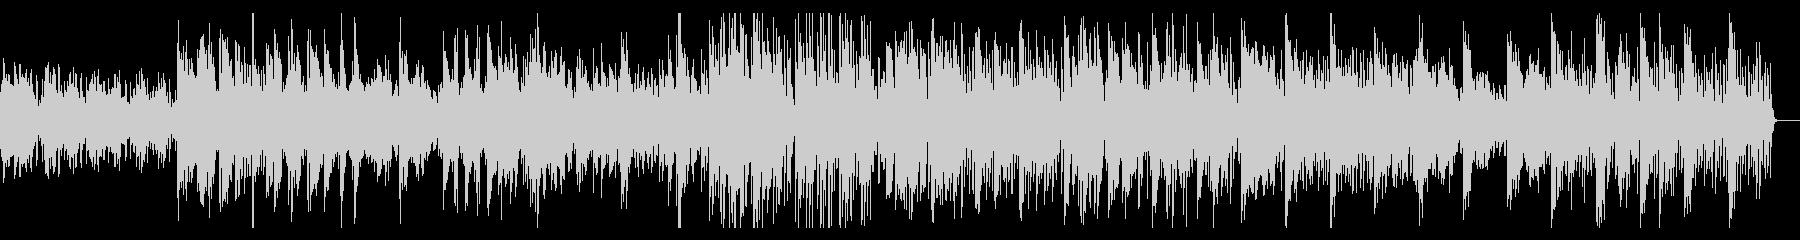 ゲームのフィールド画面に使われてそうな曲の未再生の波形